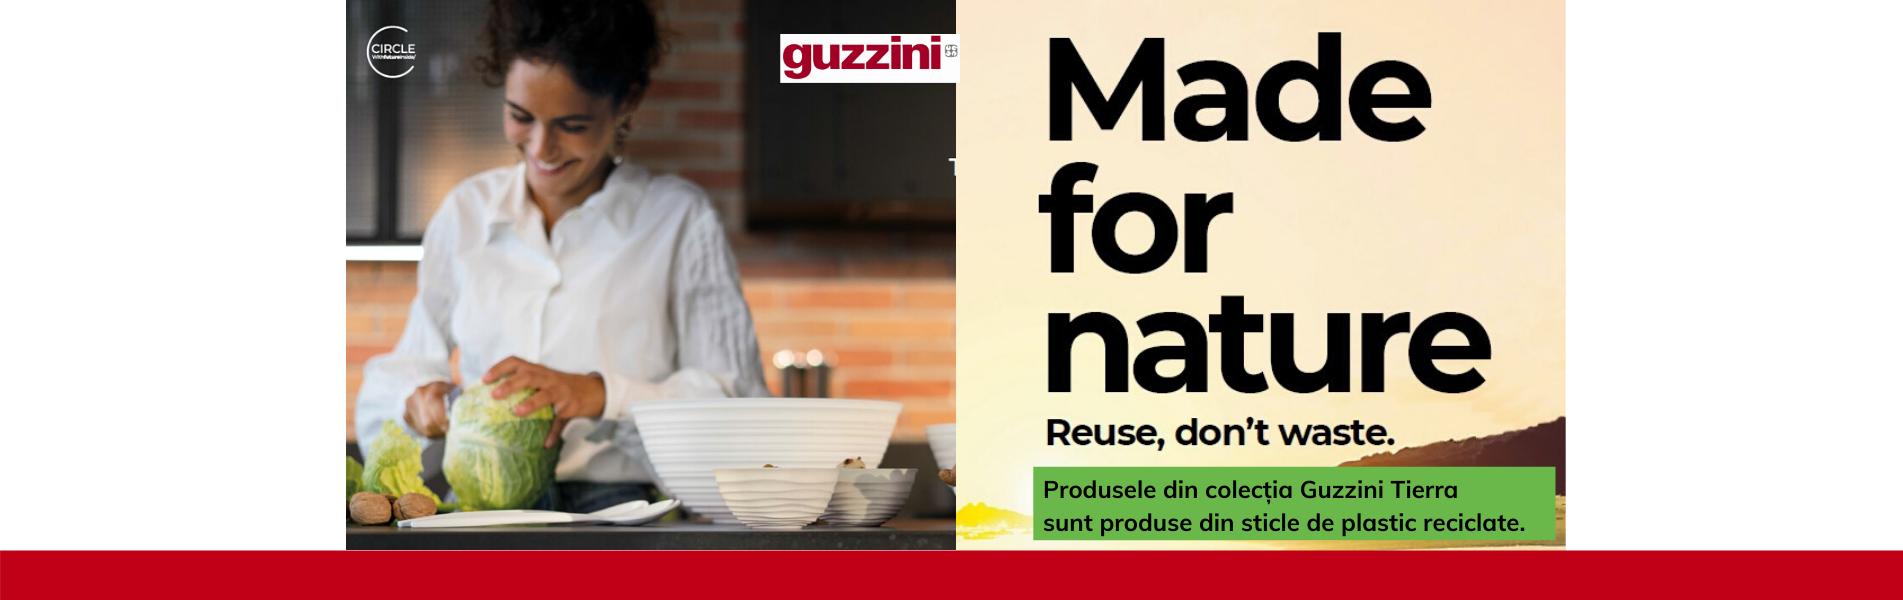 Guzzini Tierra